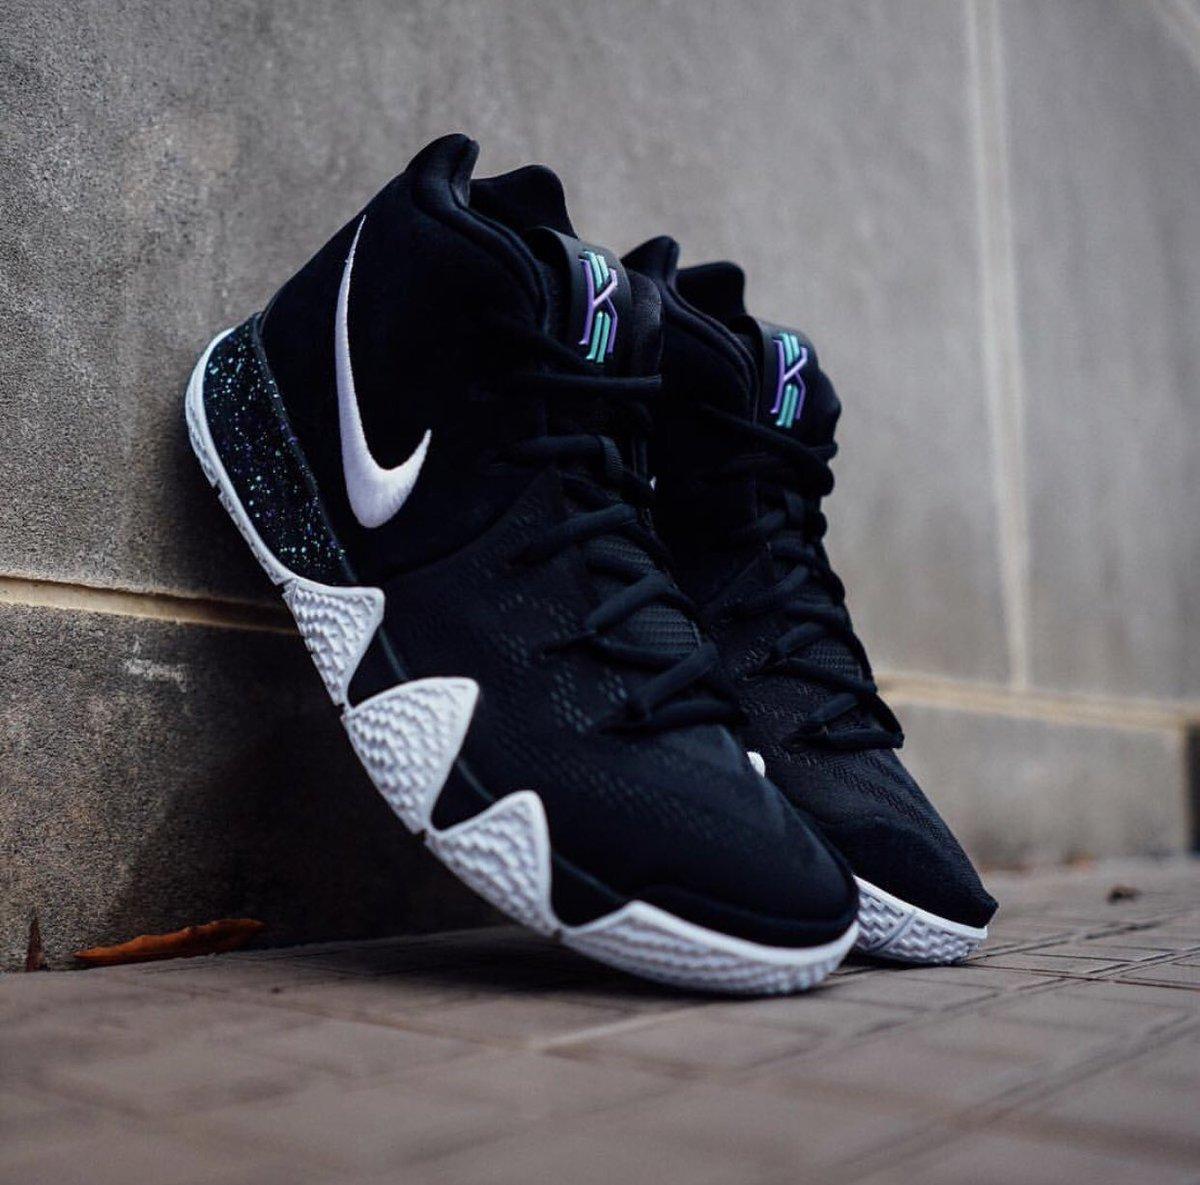 best sneakers 91e6e c2cf2 SOLE LINKS on Twitter